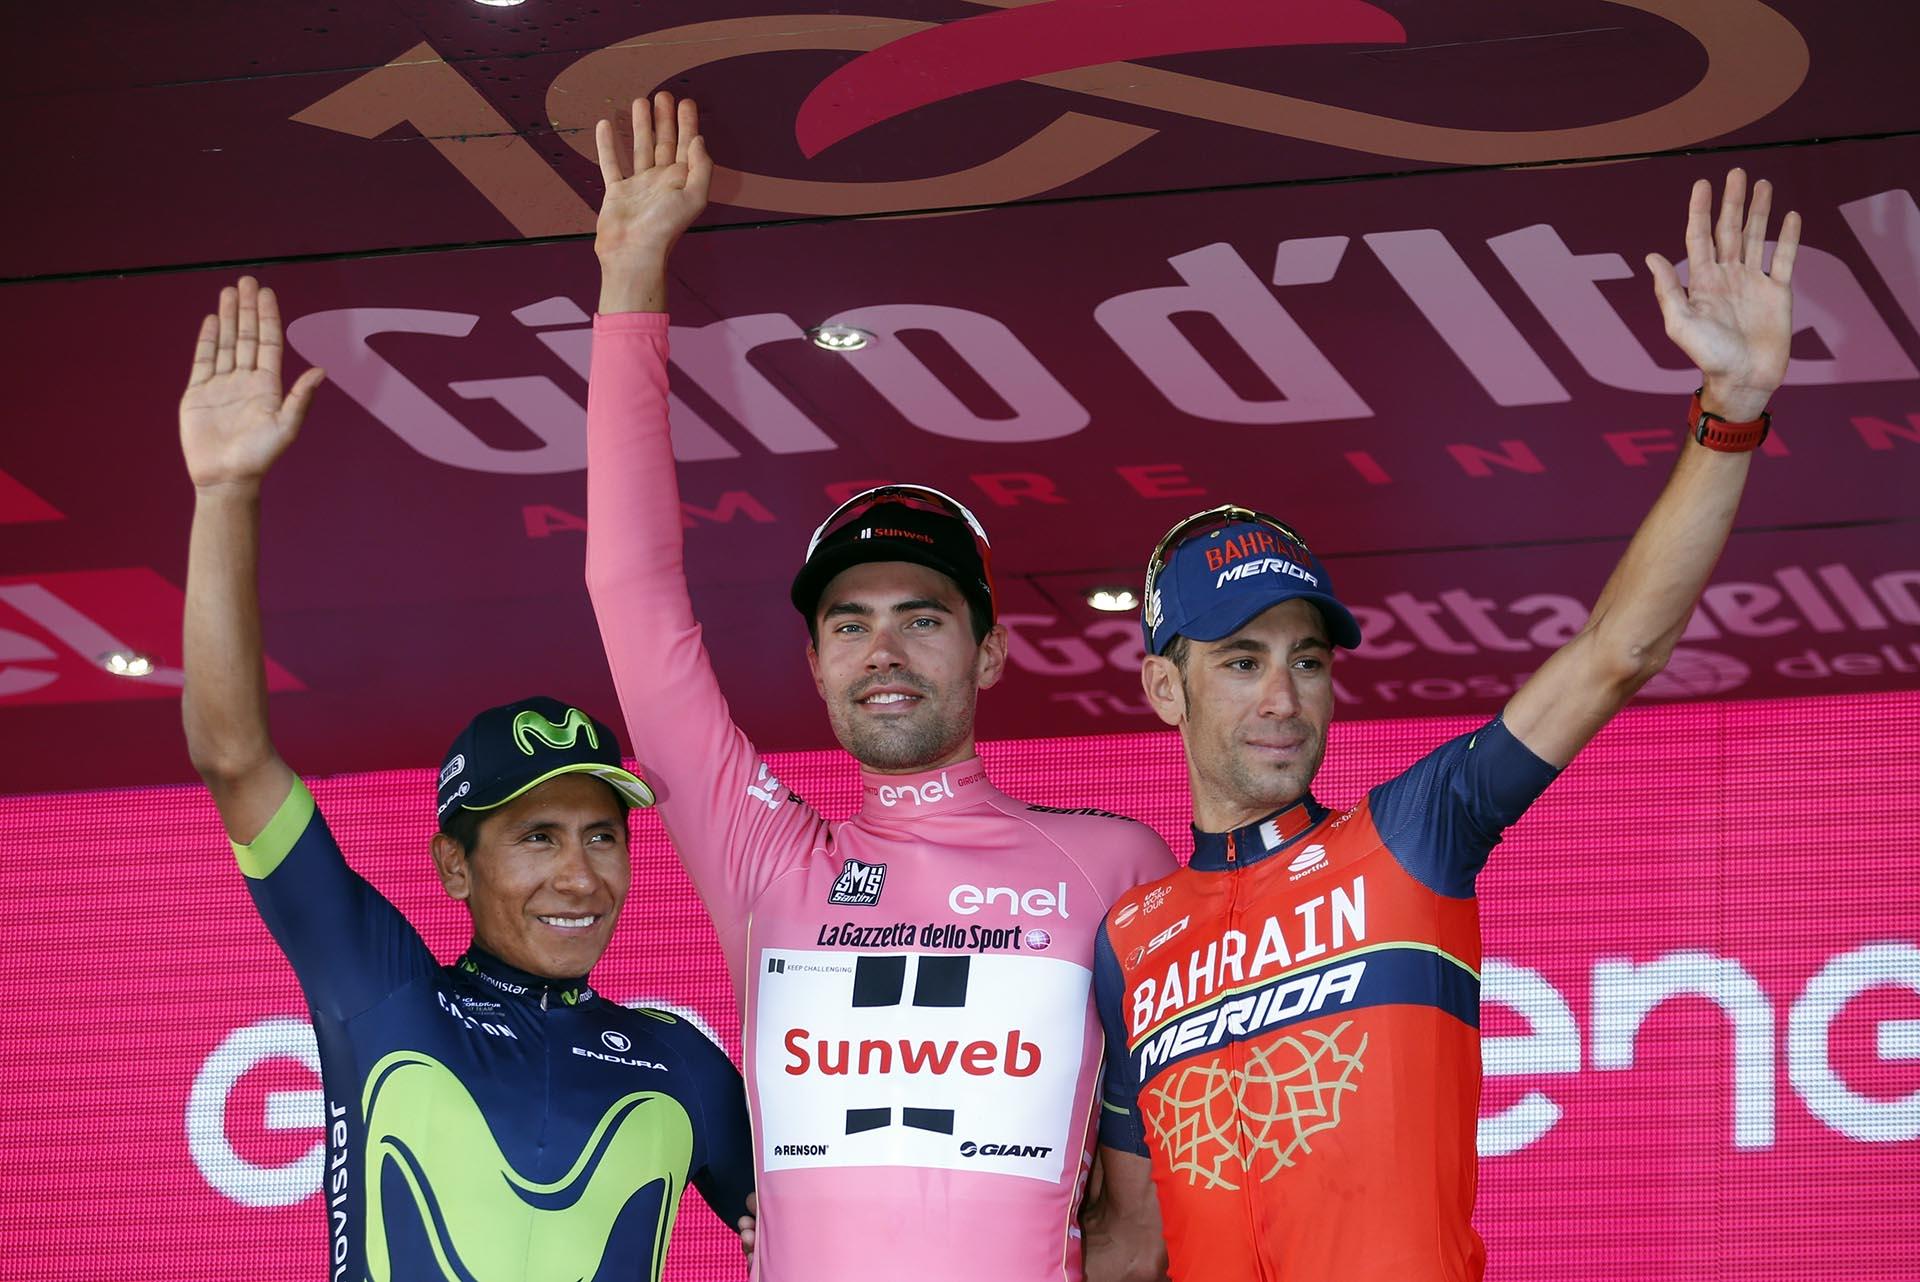 Tom Dumoulin (centro), Nairo Quintana (izquierda) y Vincenzo Nibali (derecha) en el podio de Milan